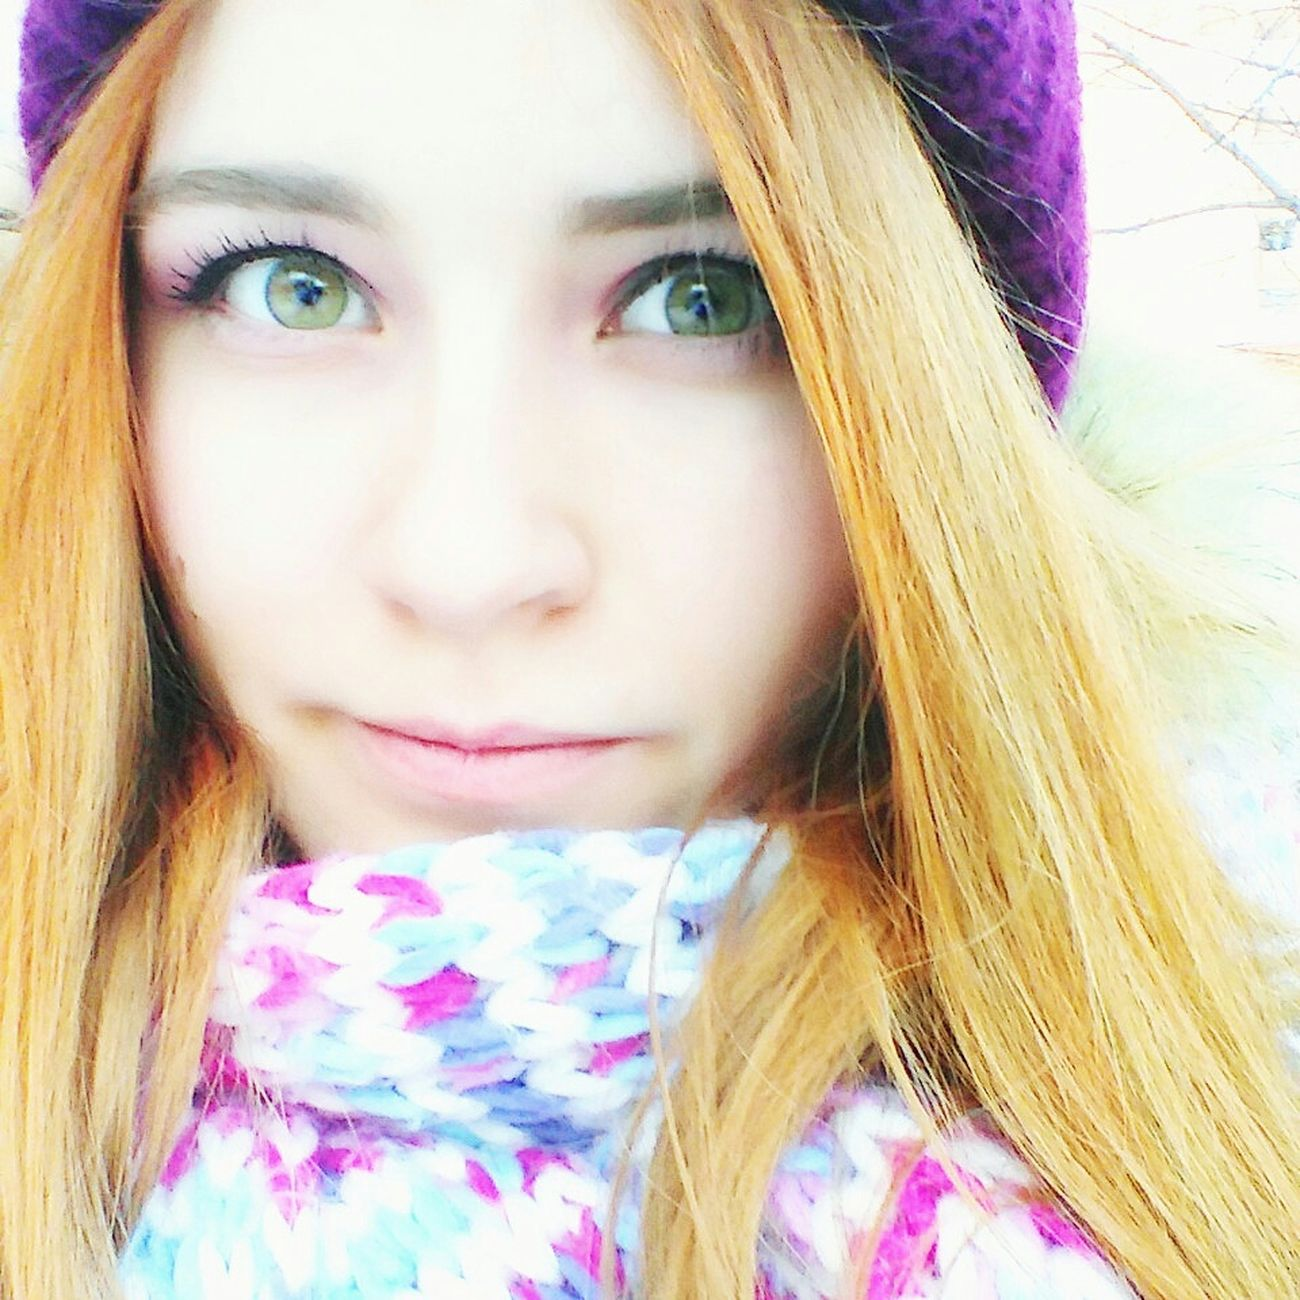 Selfie Girl Cute Selfportrait